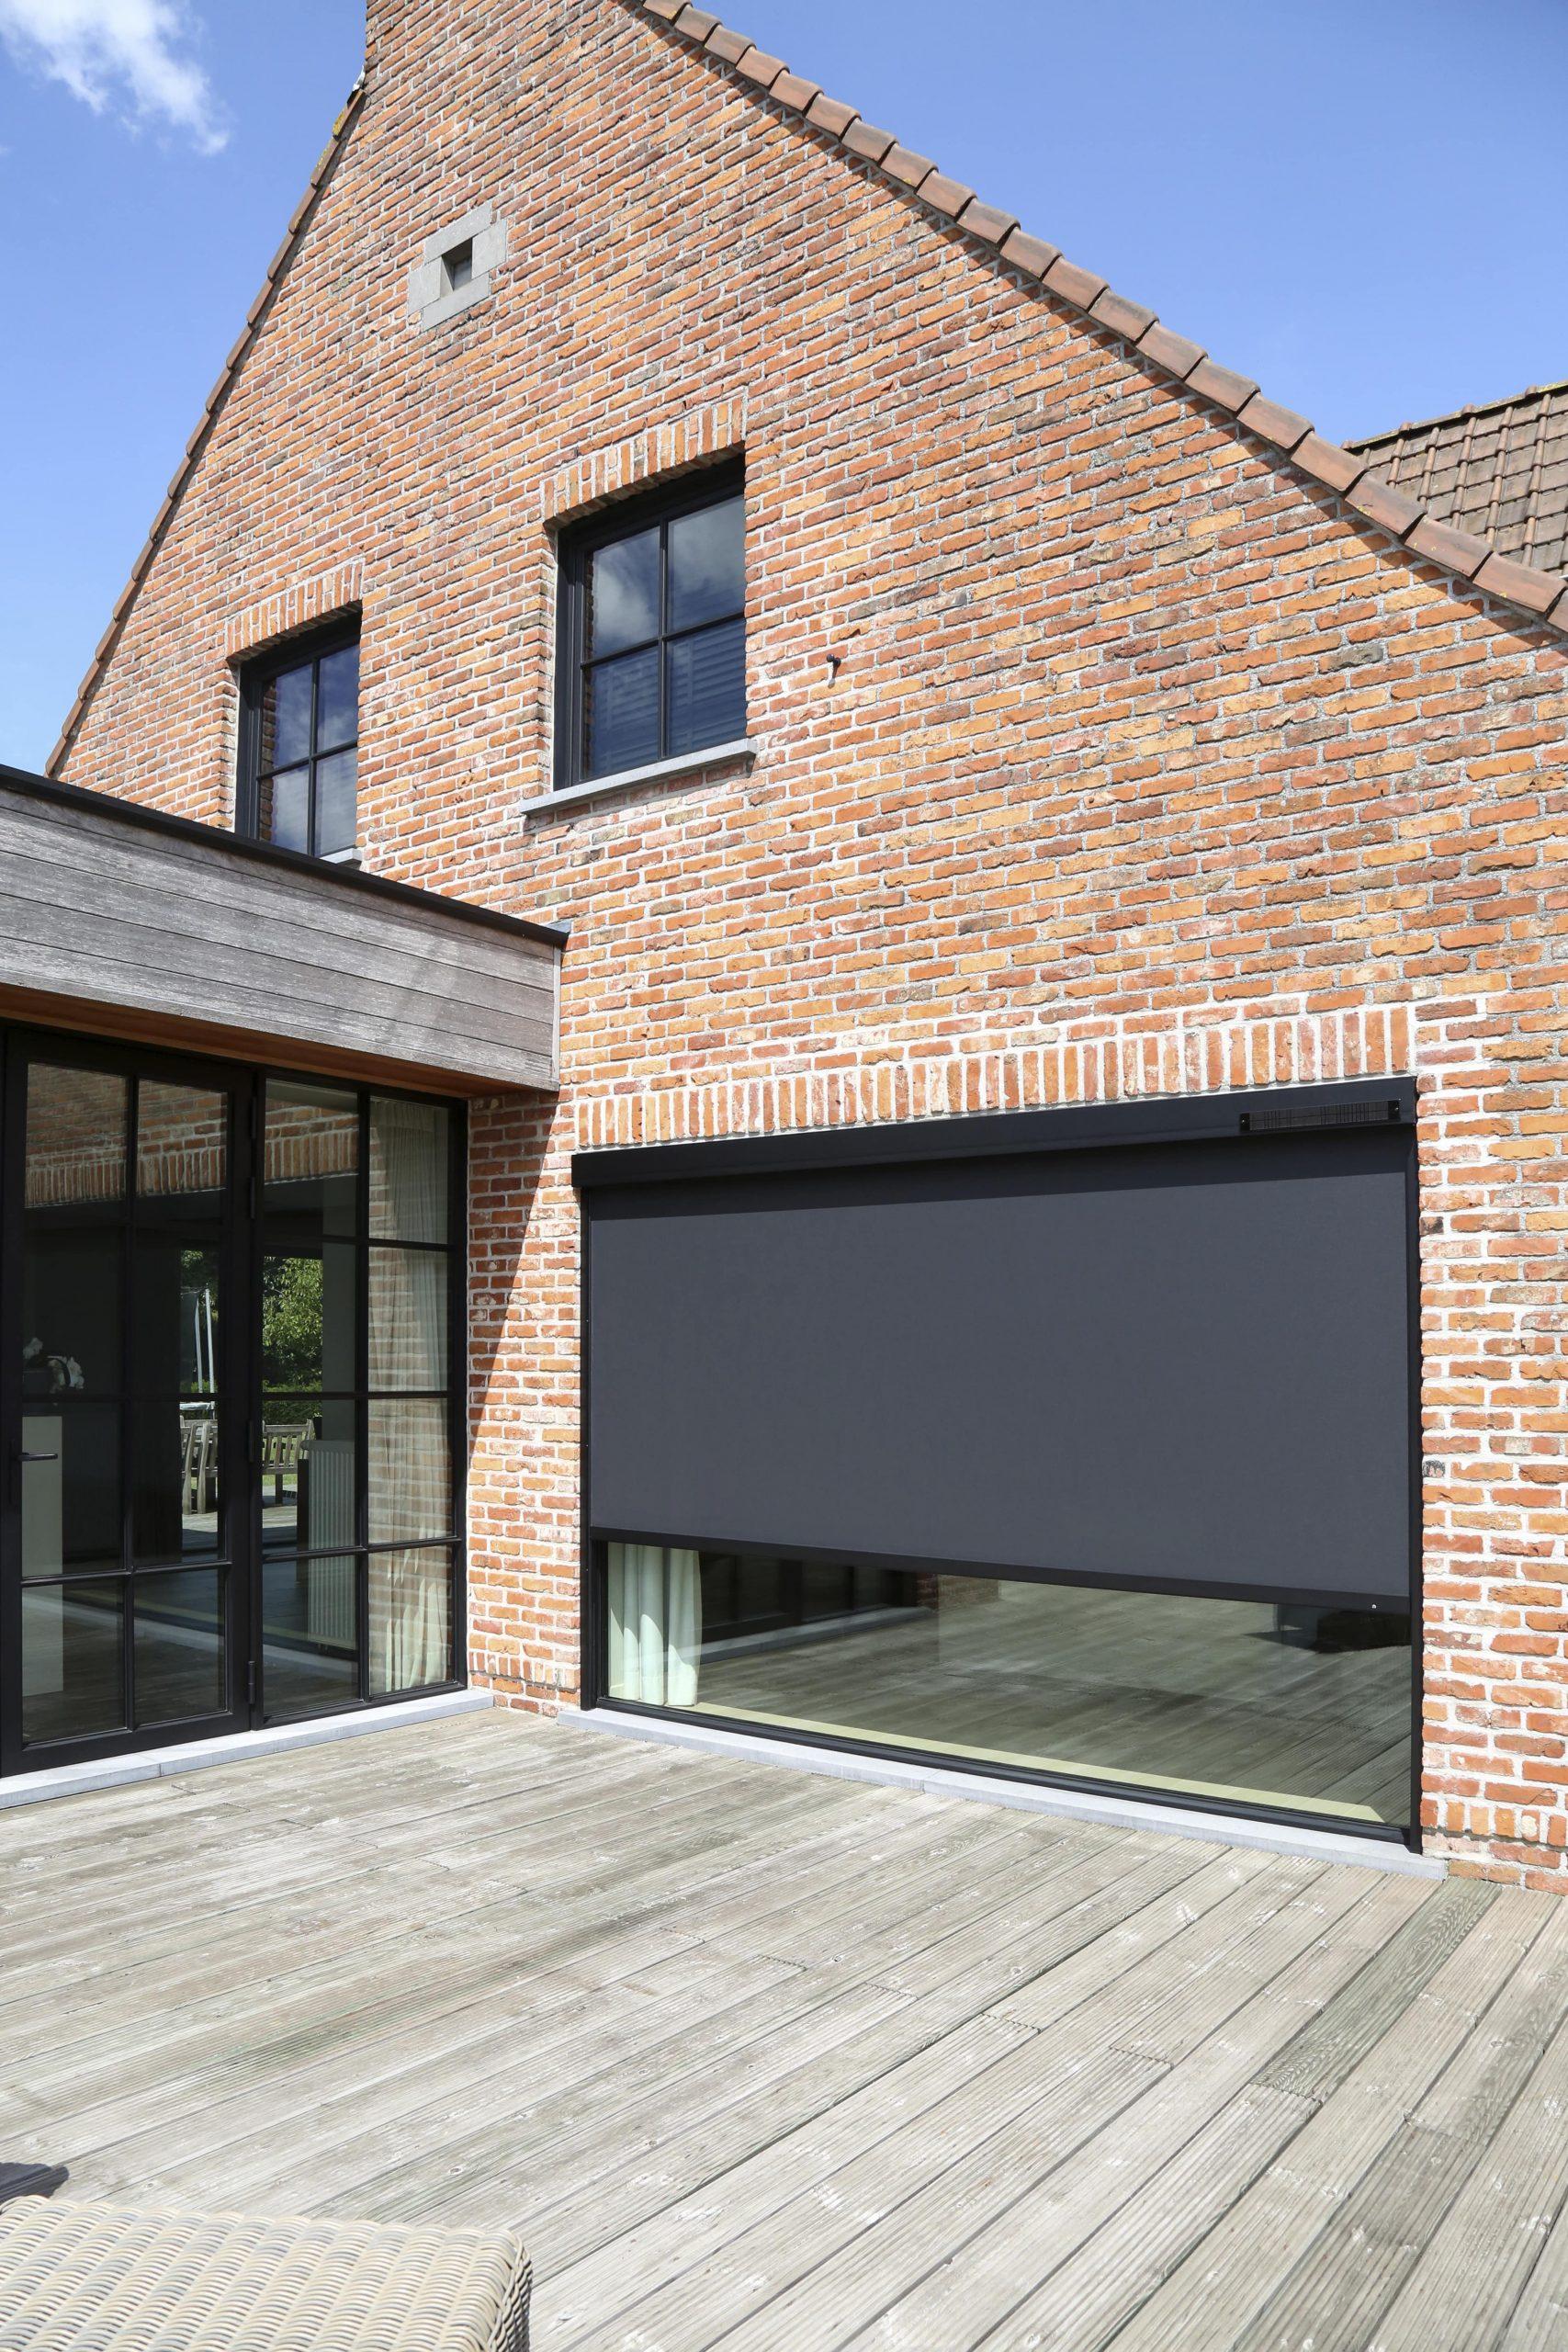 Solar Screens   Screens op Zonne-energie   RS-Screens   solar screens voor uw comfort